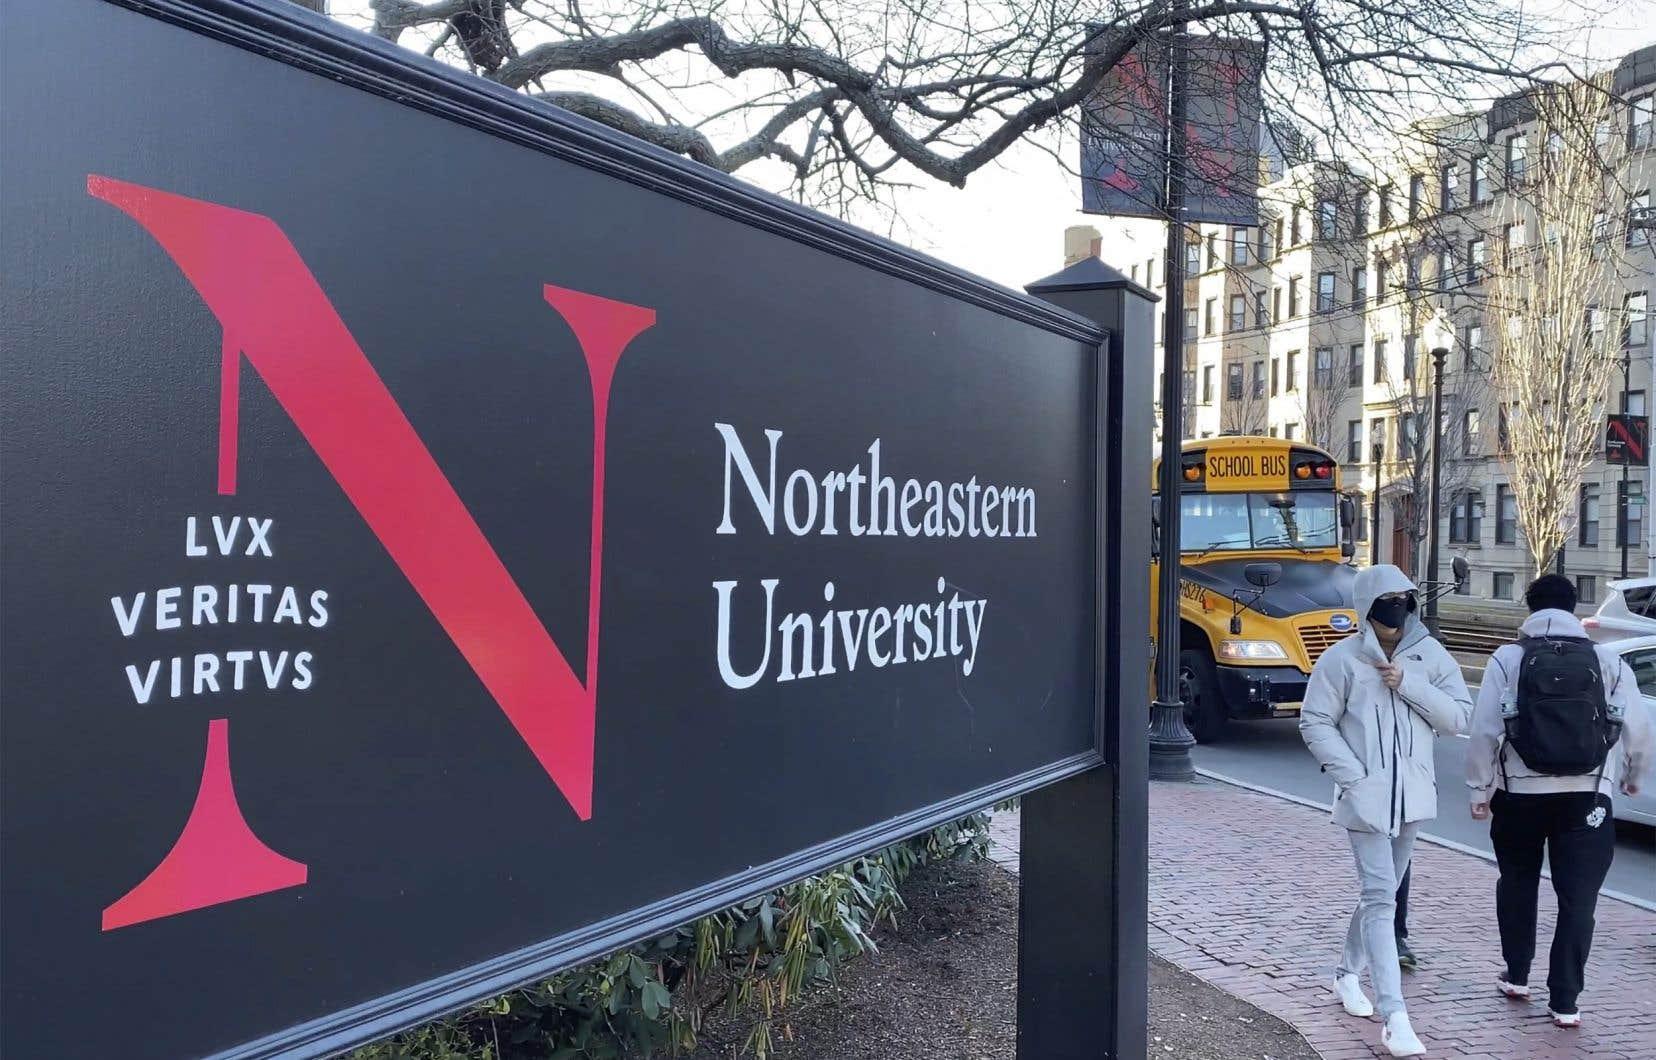 L'Université Northeastern est basée à Boston, au Massachusetts.